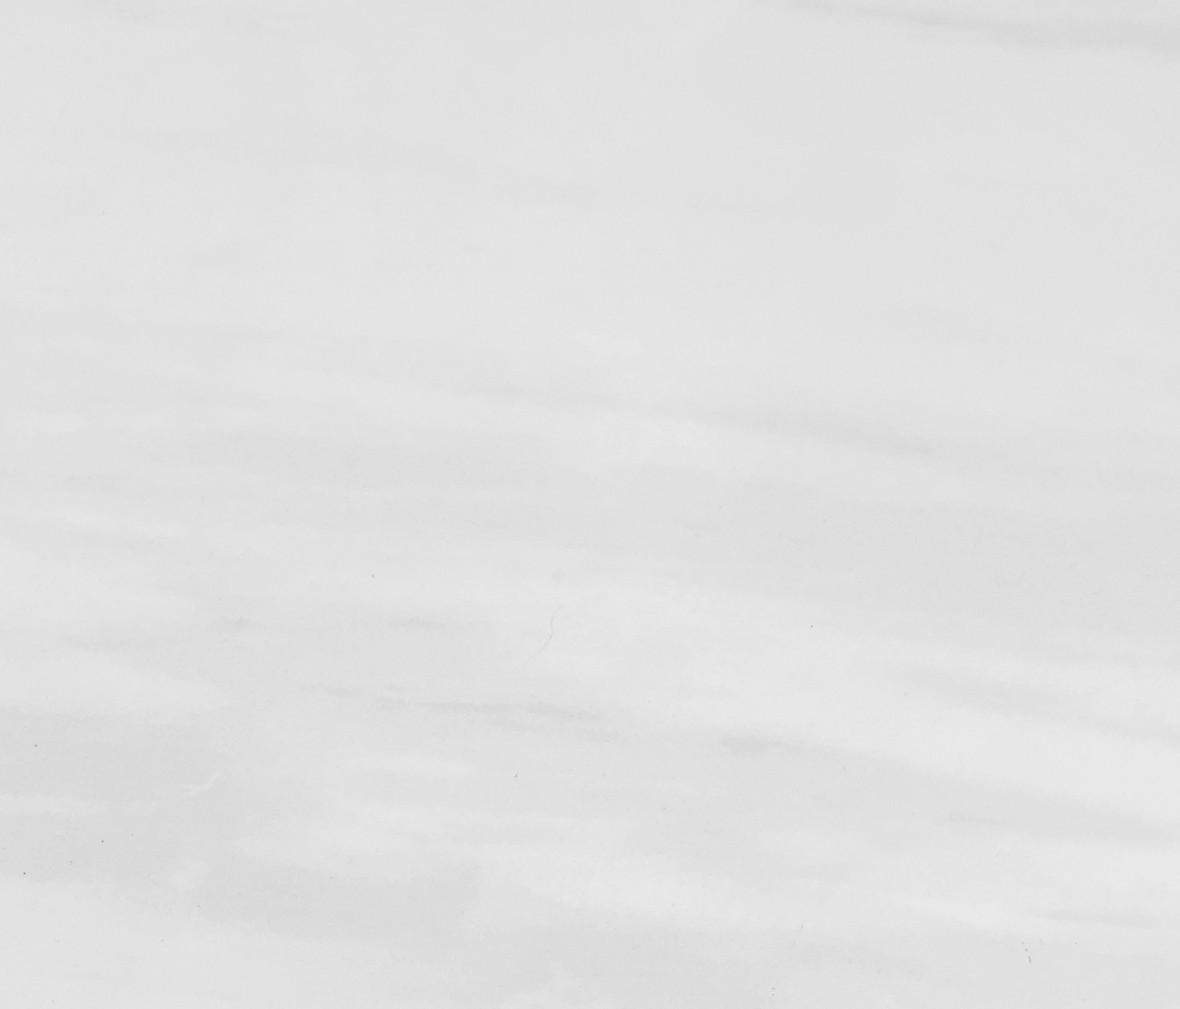 冠军磁砖  特价商品地砖 陶瓷材质家用瓷砖  图片、价格、品牌、评测样样齐全!【蓝景商城正品行货,蓝景丽家大钟寺家居广场提货,北京地区配送,领券更优惠,线上线下同品同价,立即购买享受更多优惠哦!】